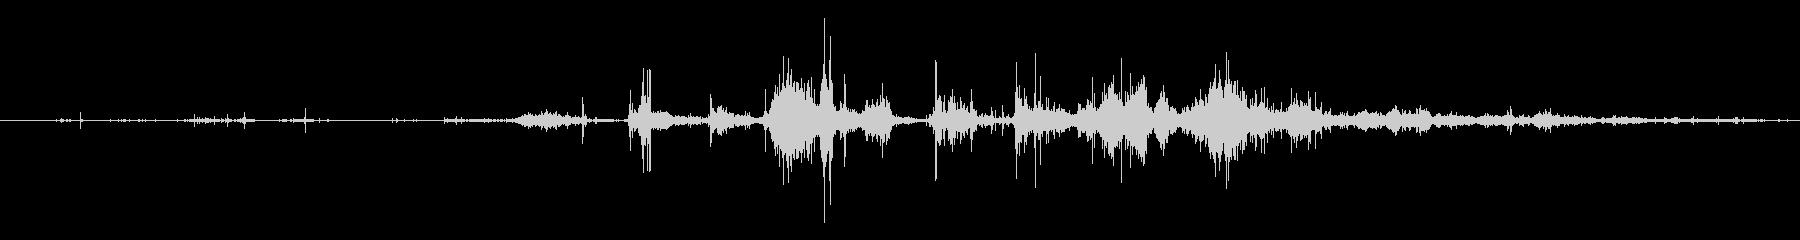 ダウンヒルスキーヤー:スタートゲー...の未再生の波形